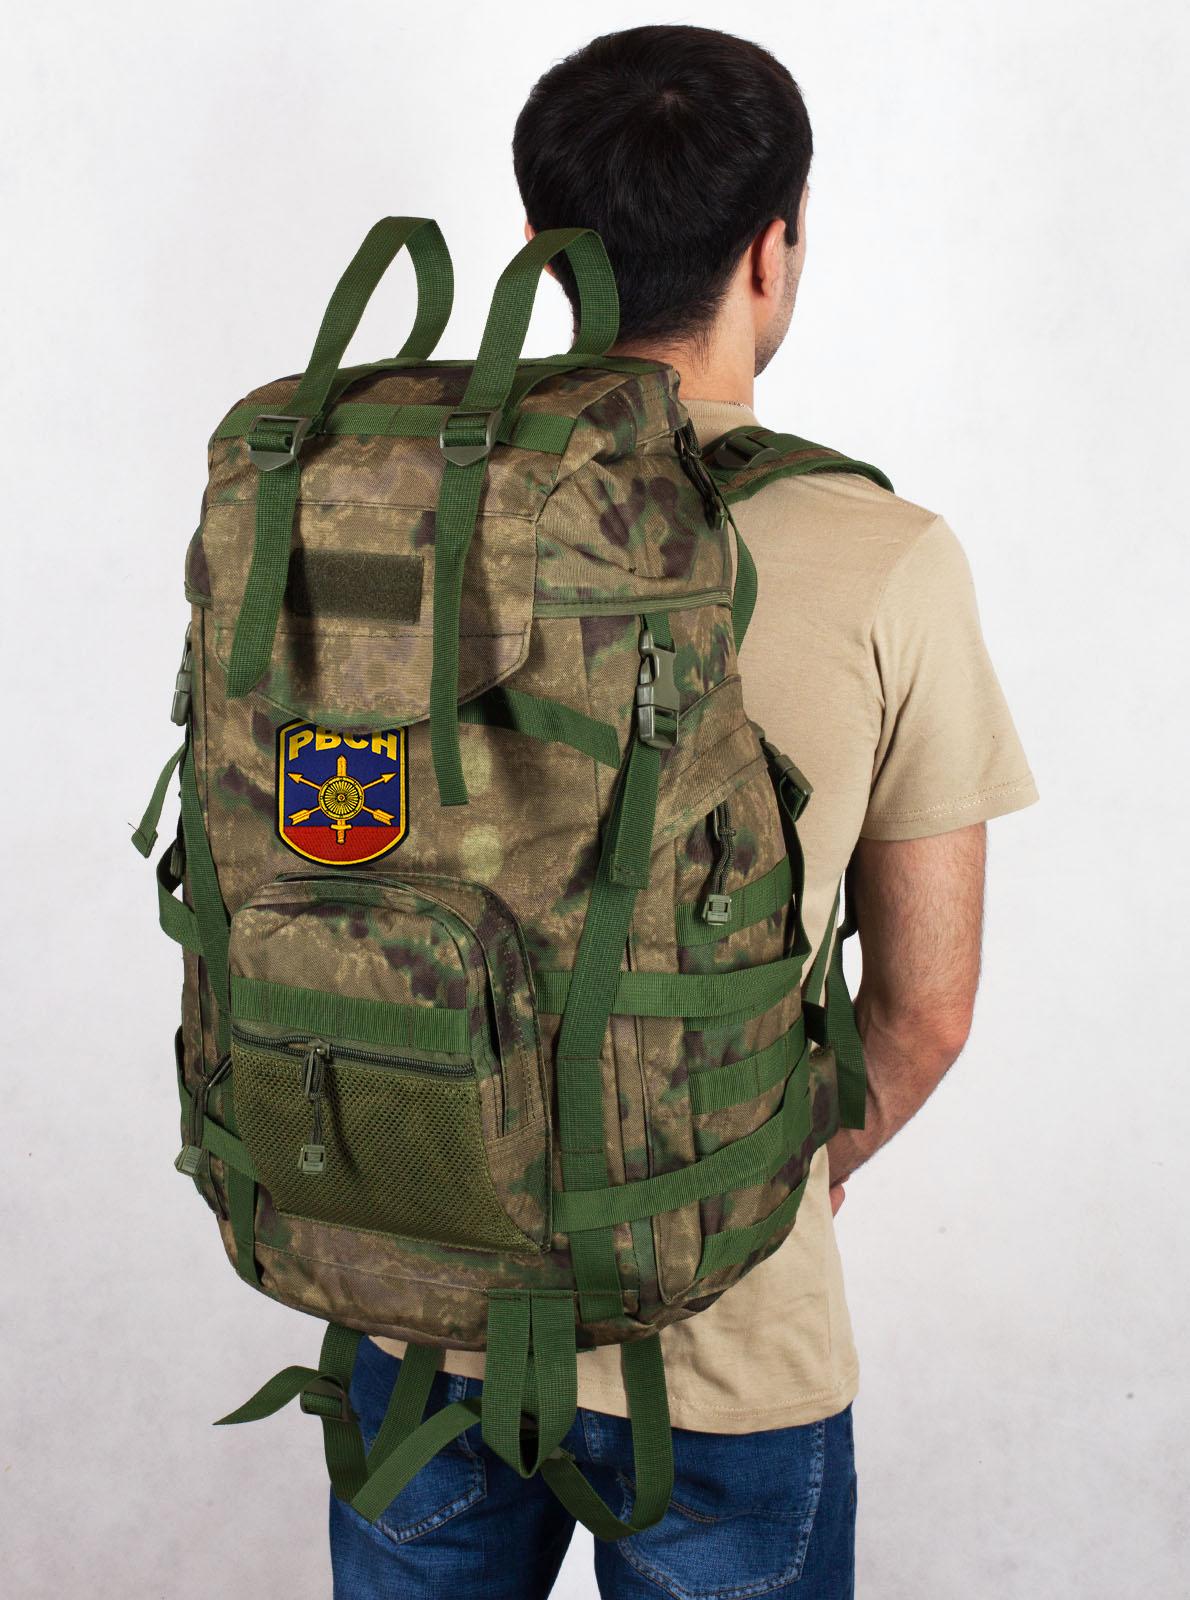 Армейский походный рюкзак камуфляж A-TACS FG с эмблемой РВСН - купить онлайн